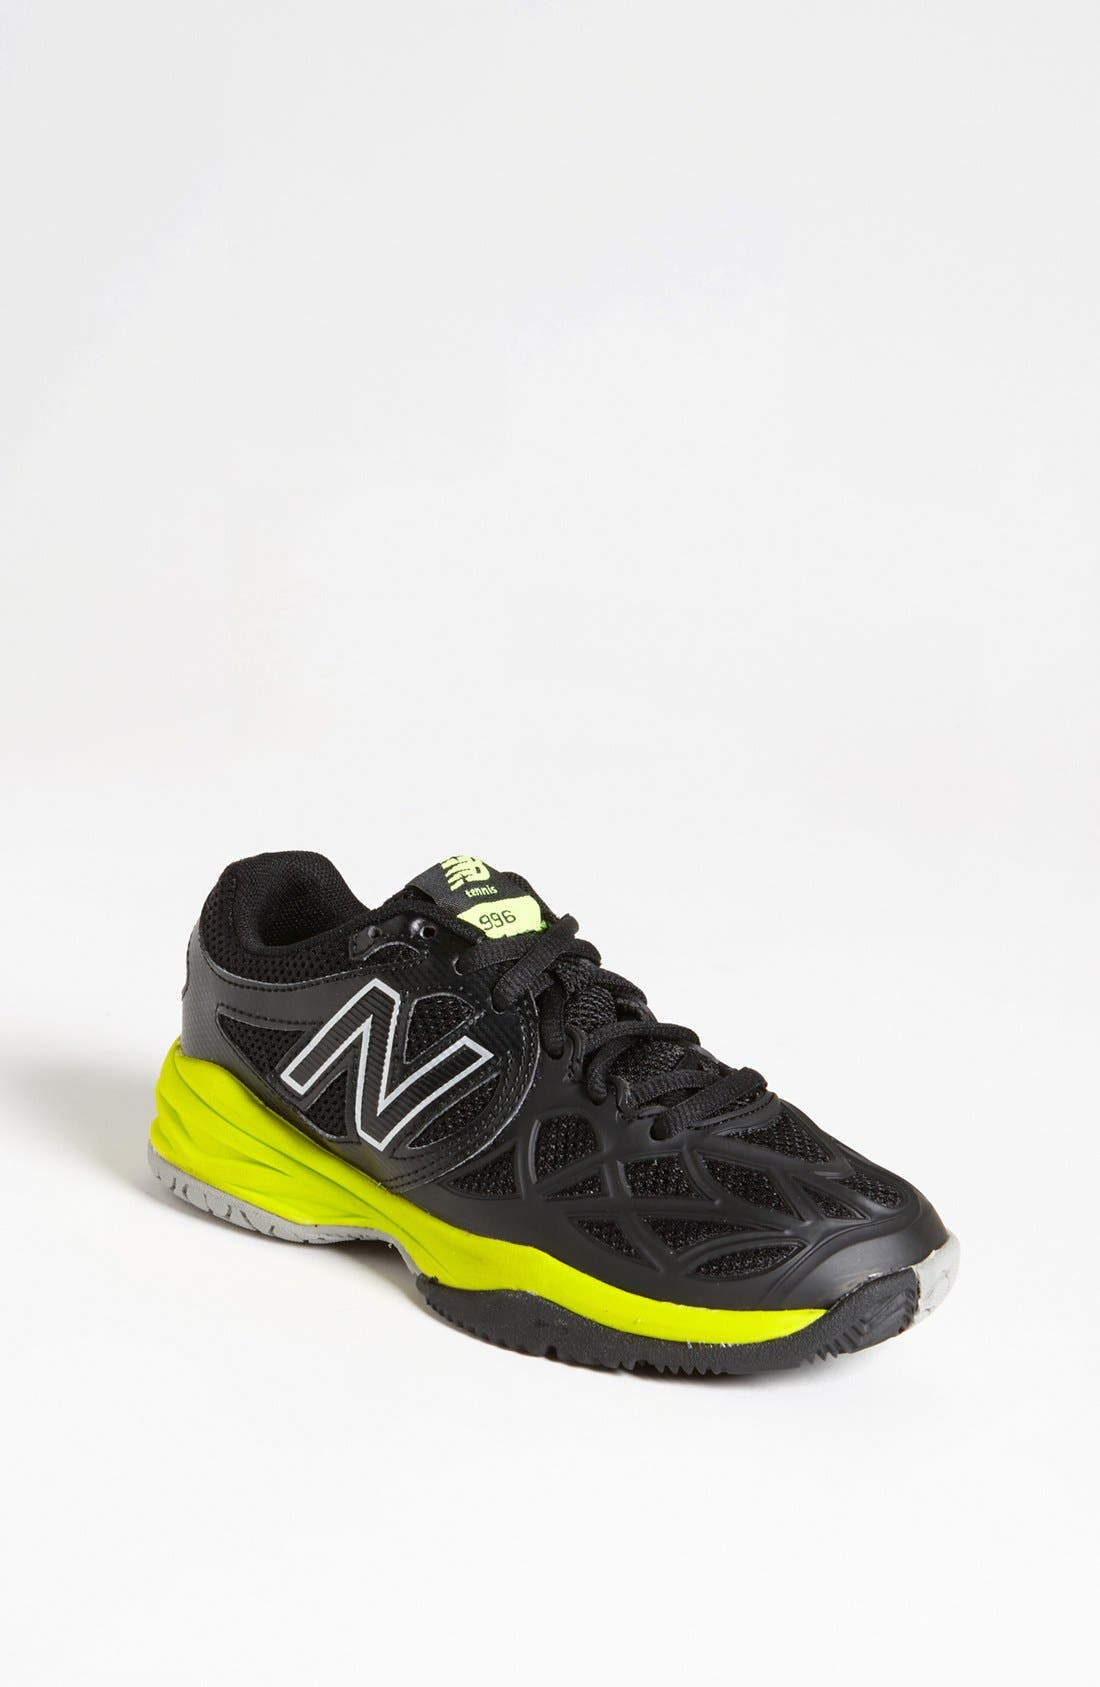 Main Image - New Balance Tennis Shoe (Toddler, Little Kid & Big Kid)